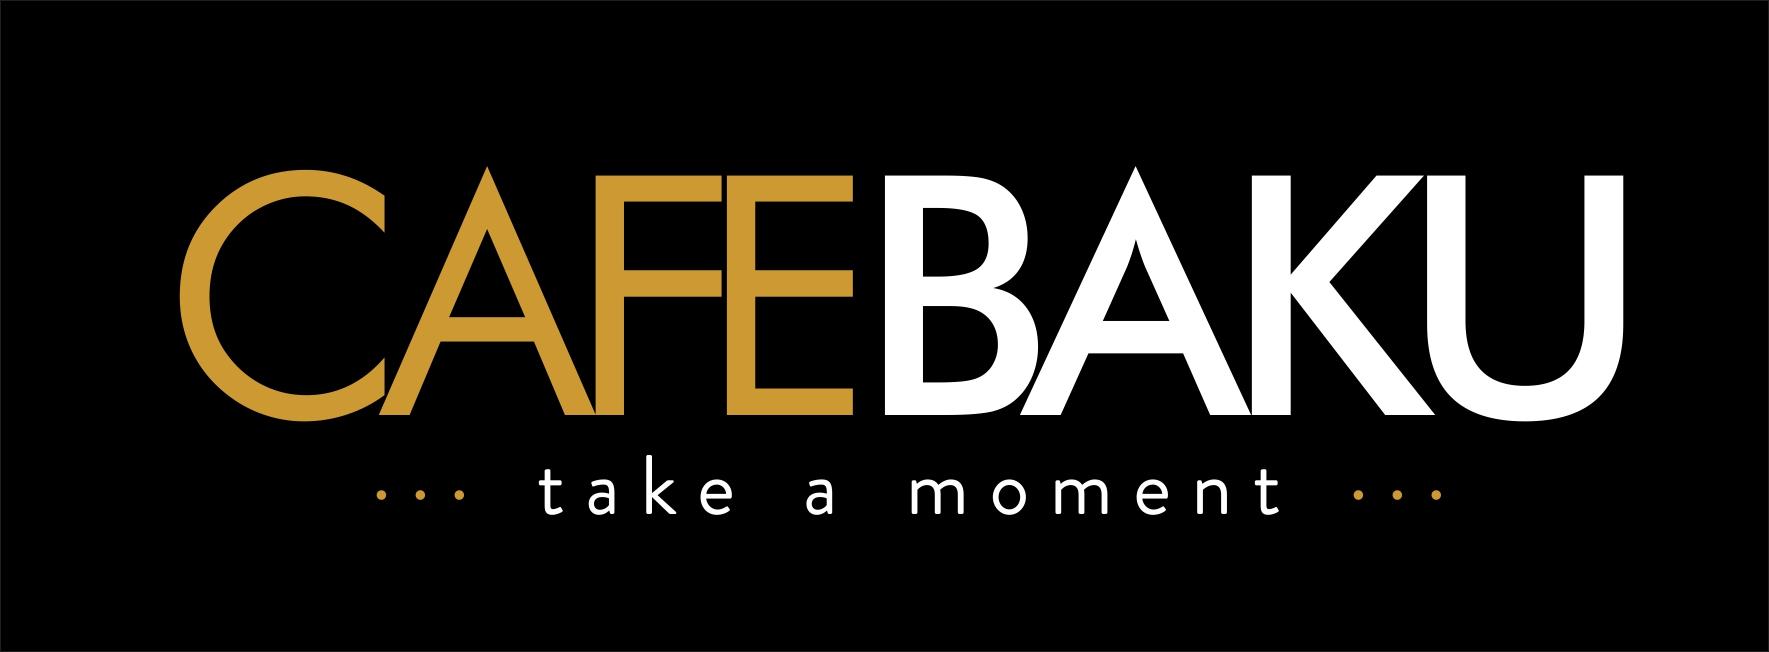 Cafe Baku